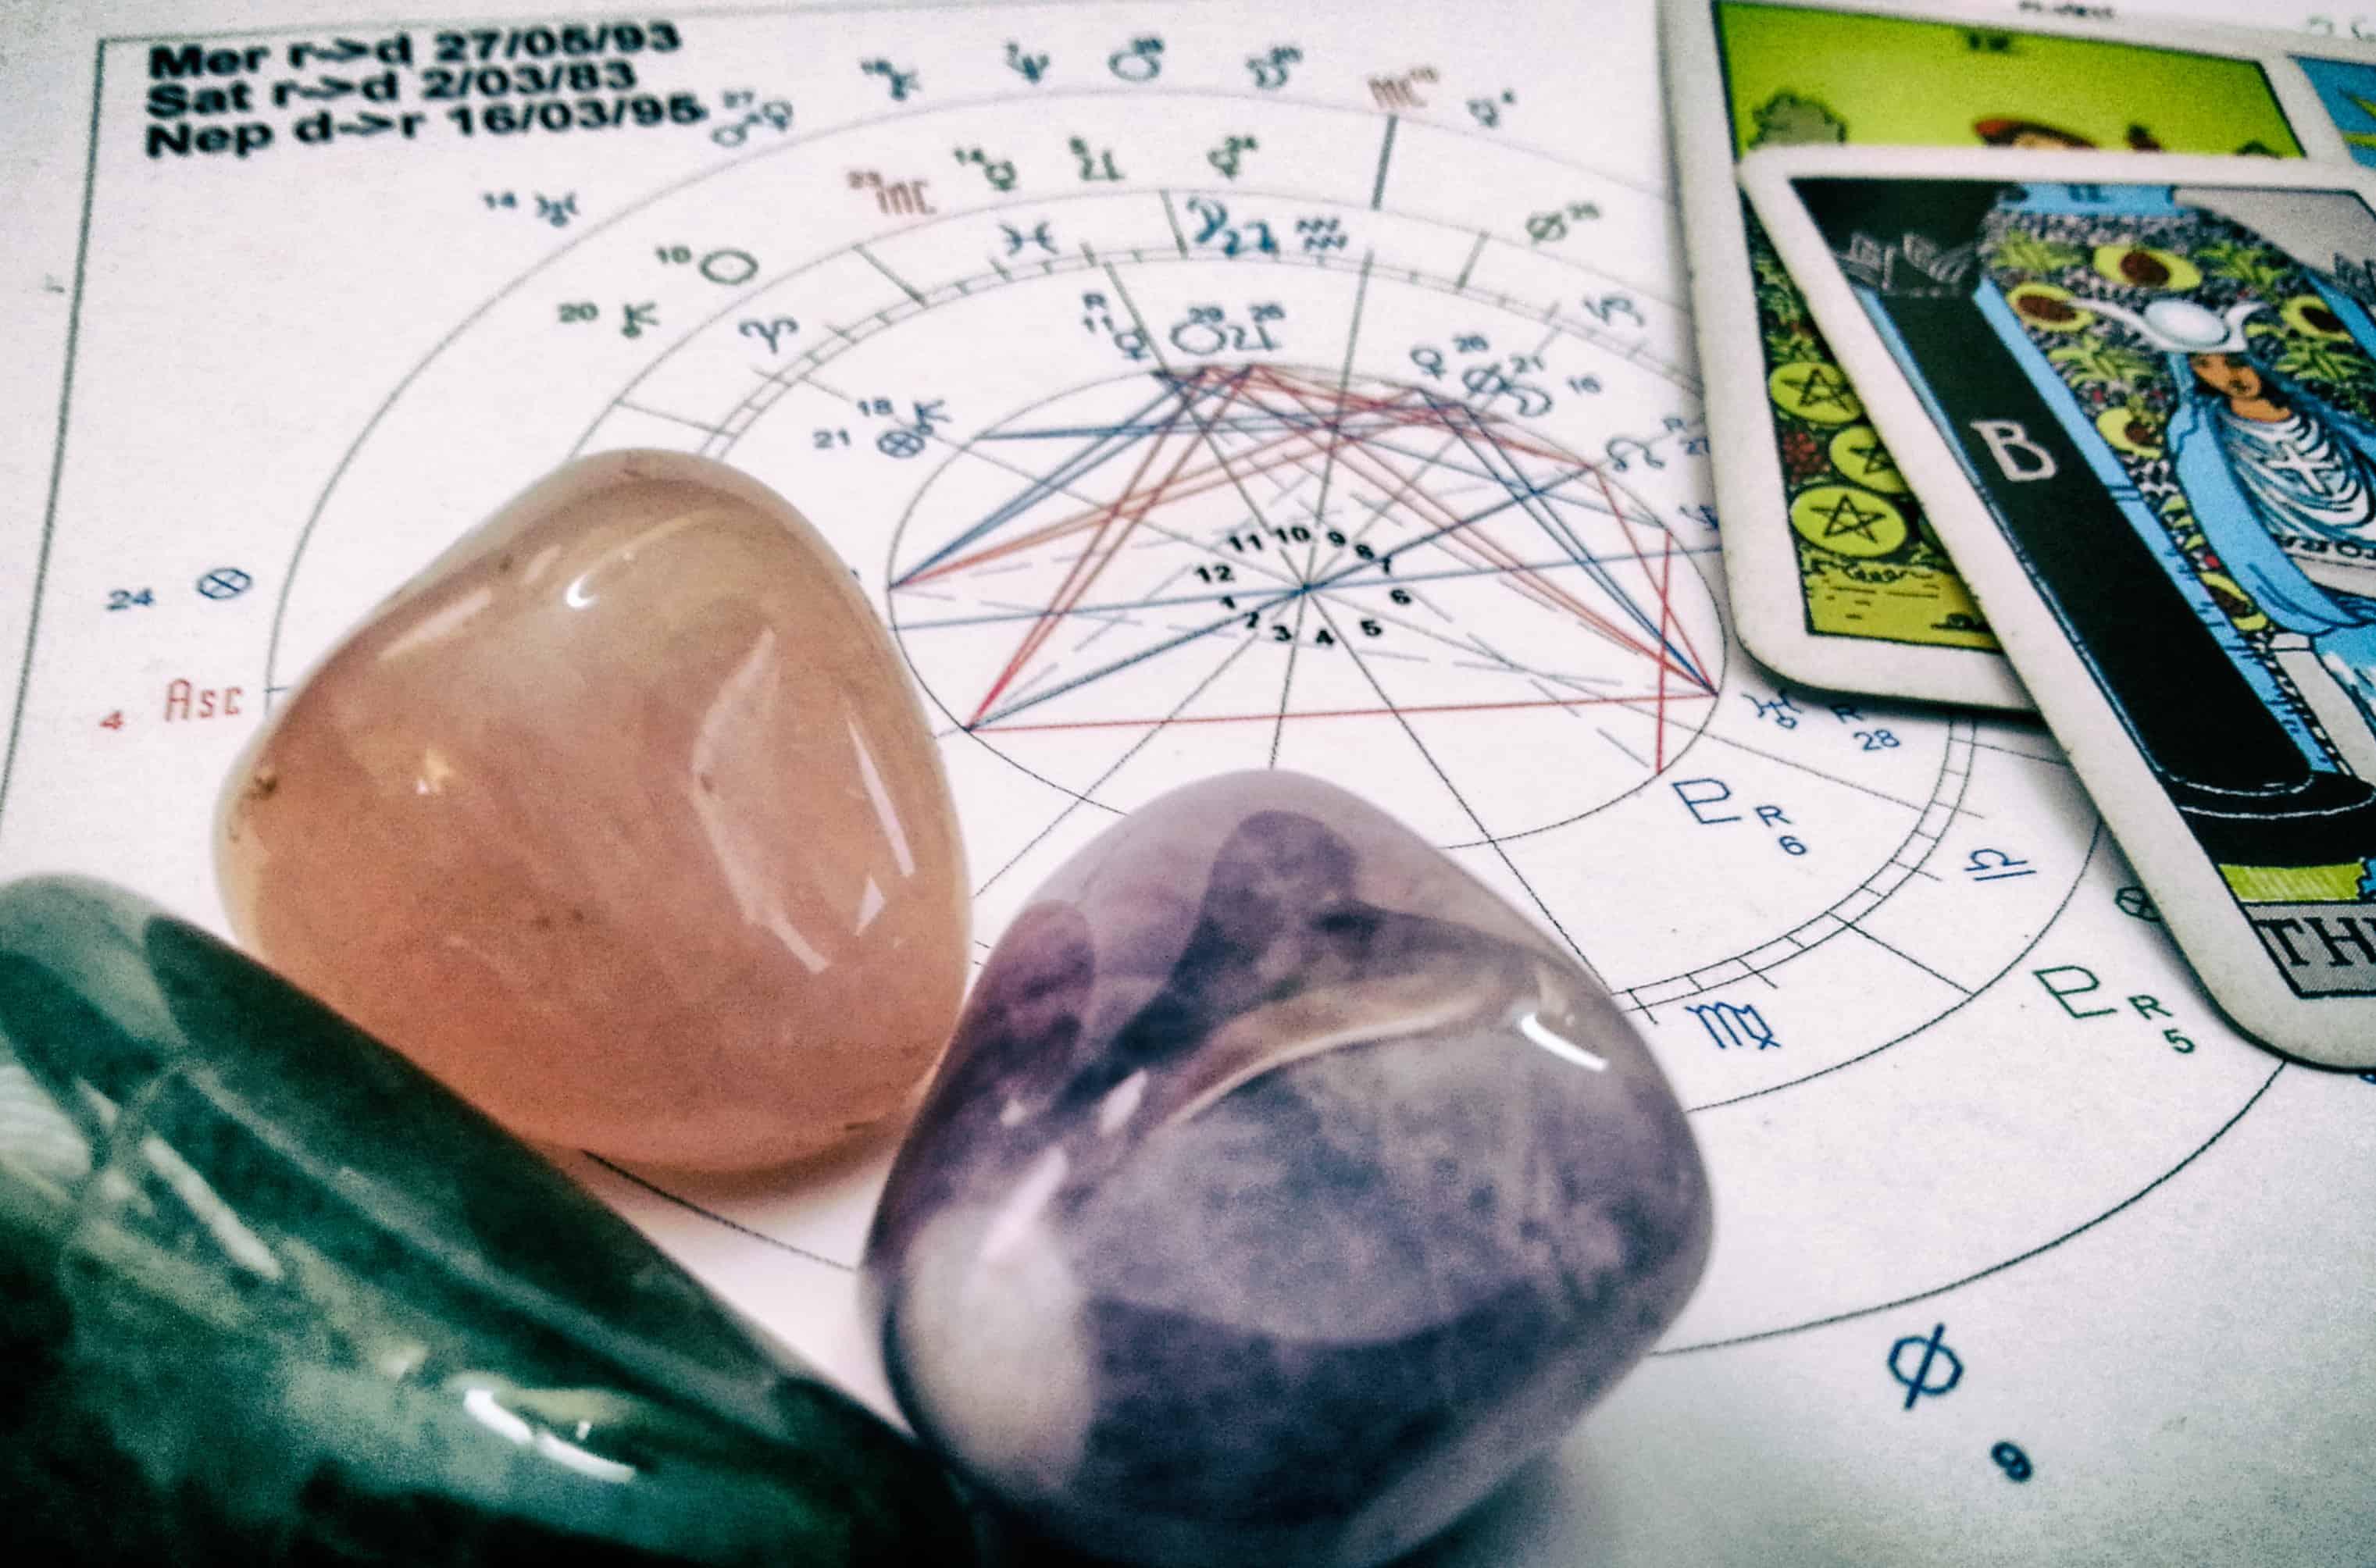 Консультация с помощью Таро и астрологии (1 тема) + Подбор камней для гармонизации